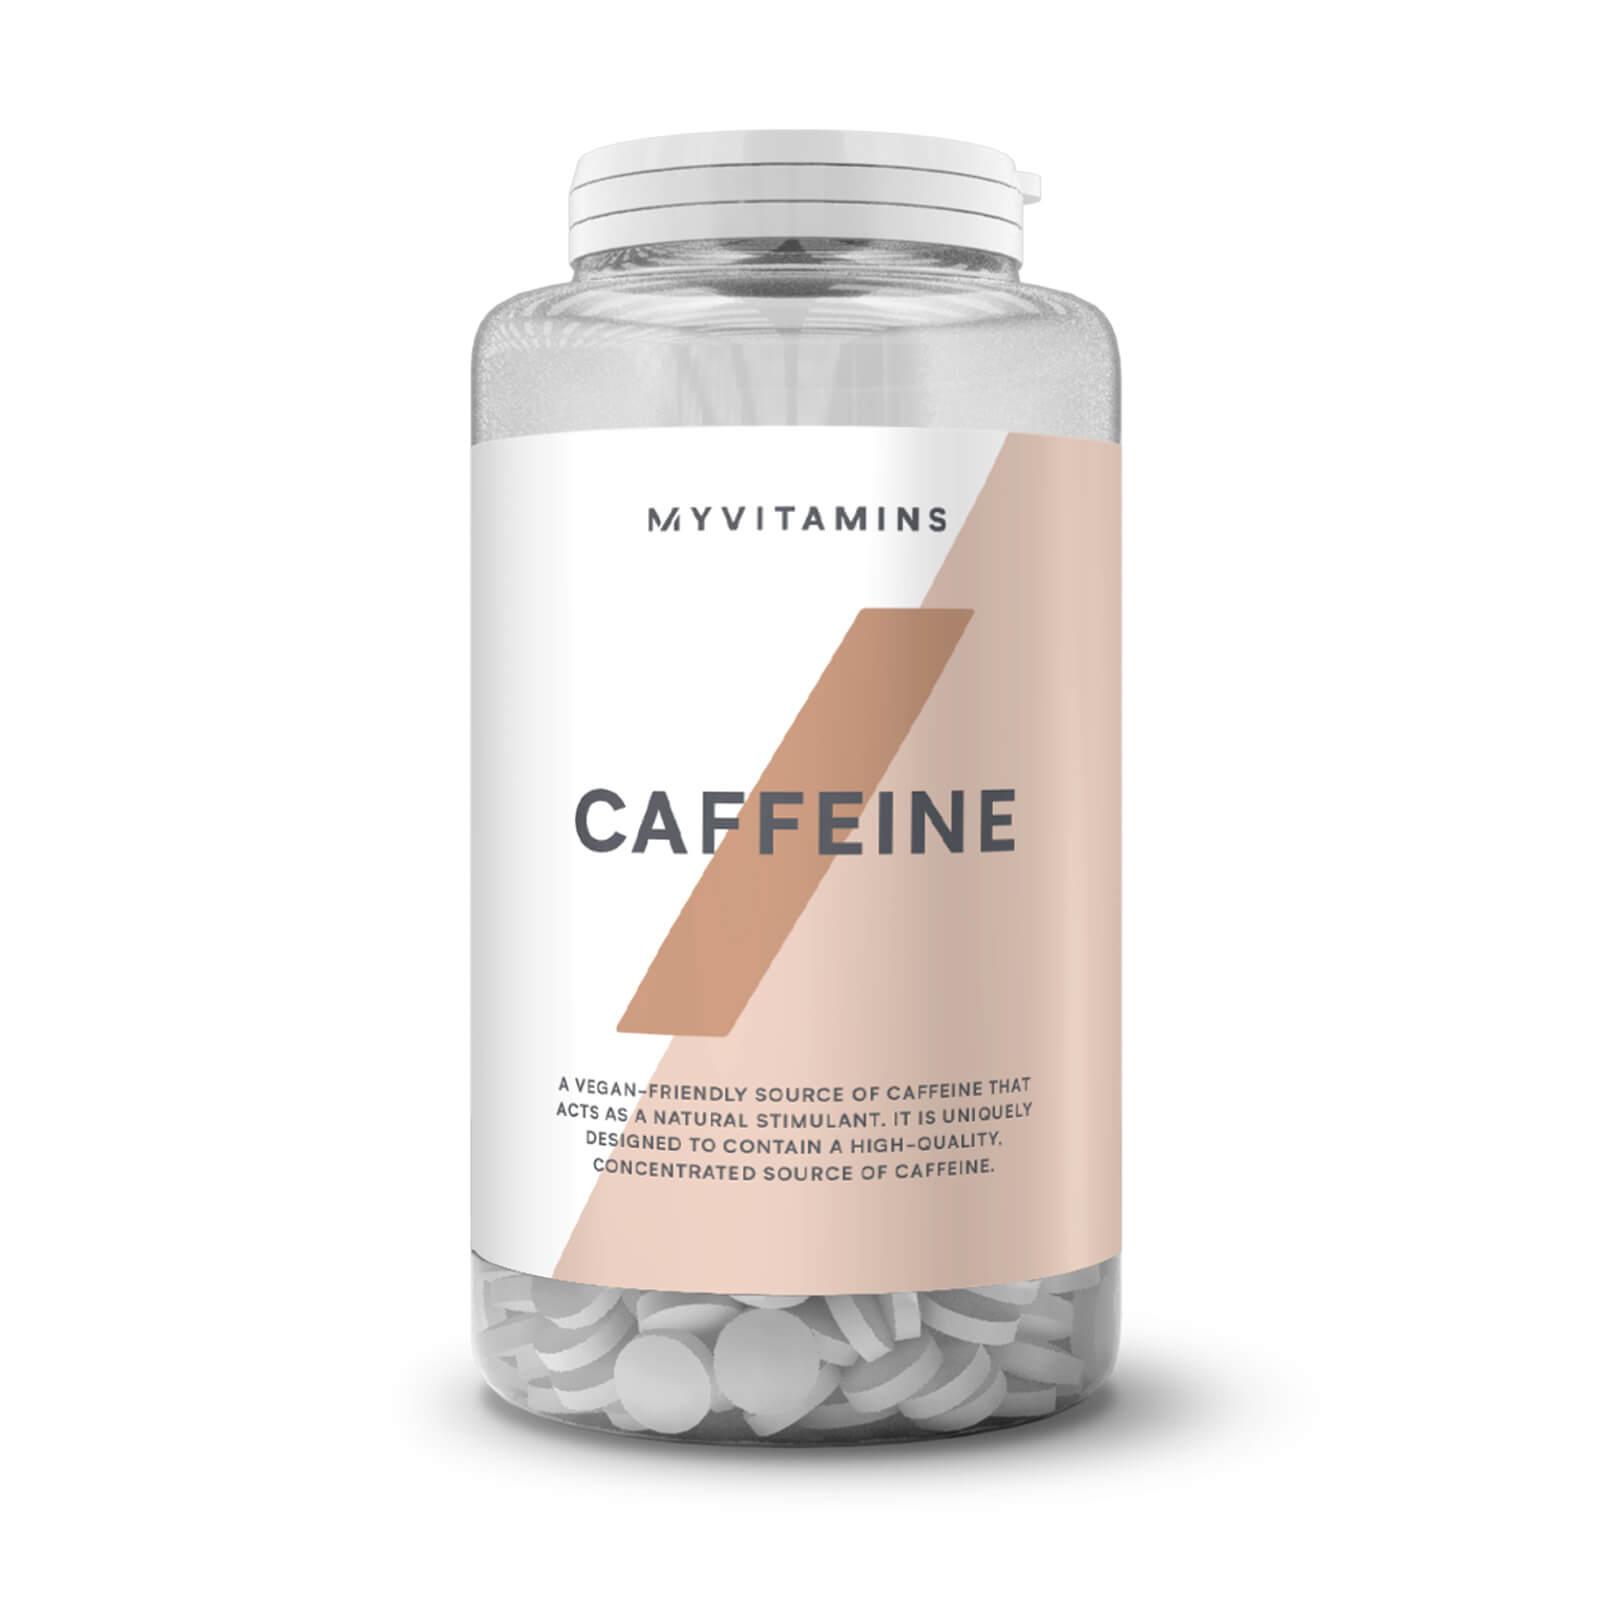 Myvitamins Caffeine - 90Tablets